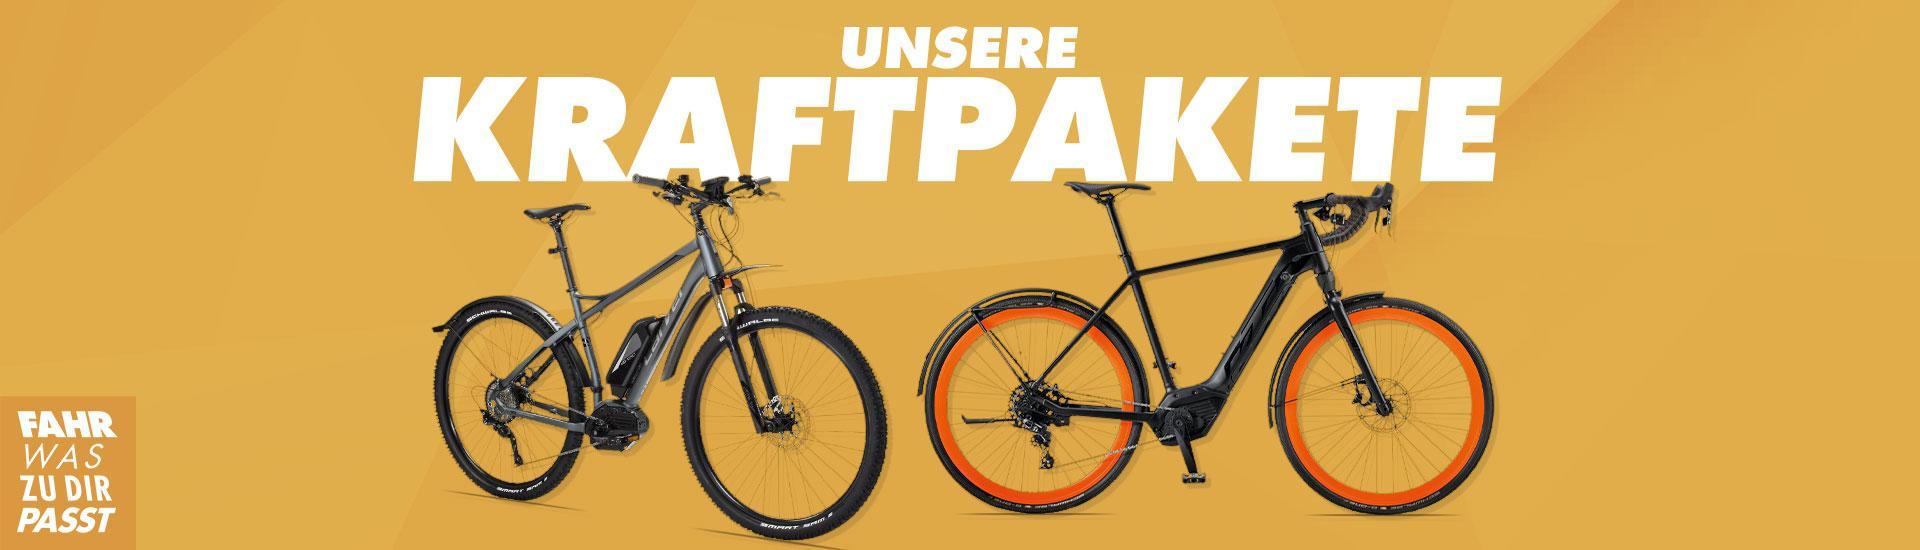 3f93d37e86ba26 Kalkhoff E Bike günstig online bei Fahrrad XXL bestellen